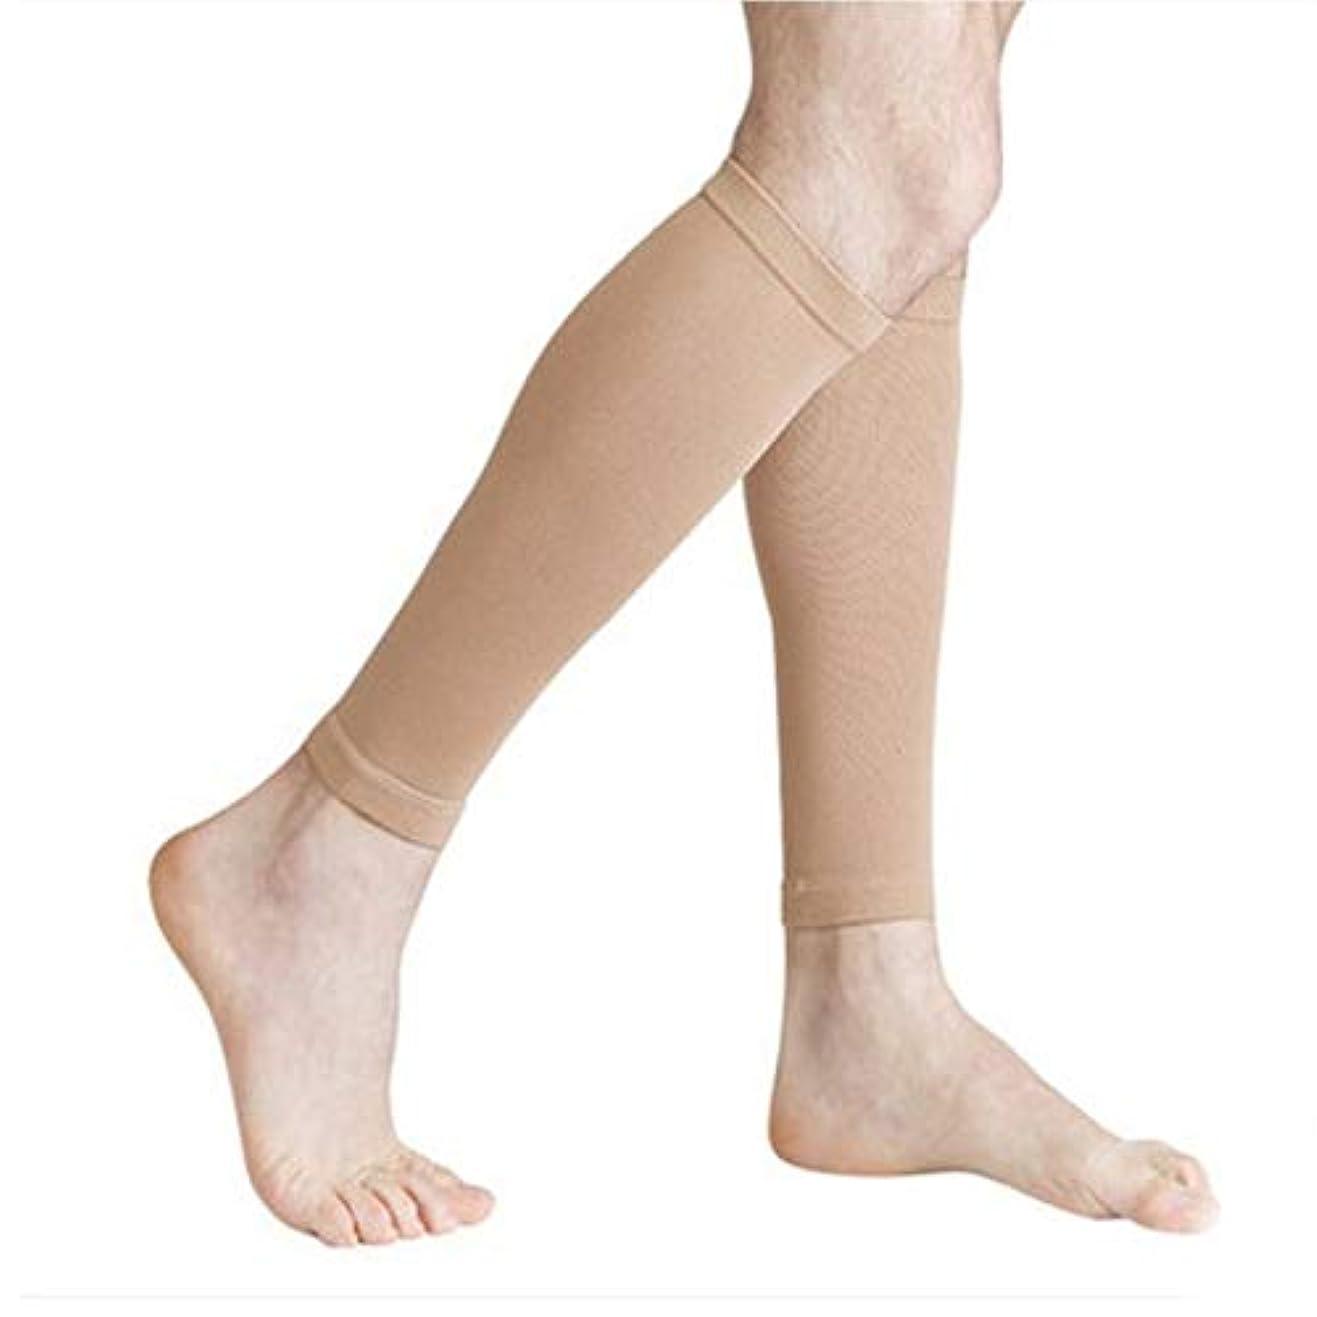 技術者不平を言う玉ふくらはぎコンプレッションスリーブ脚コンプレッションソックスシンスプリントふくらはぎの痛みを軽減メンズランニング用サイクリング女性用スリーブ-スキン